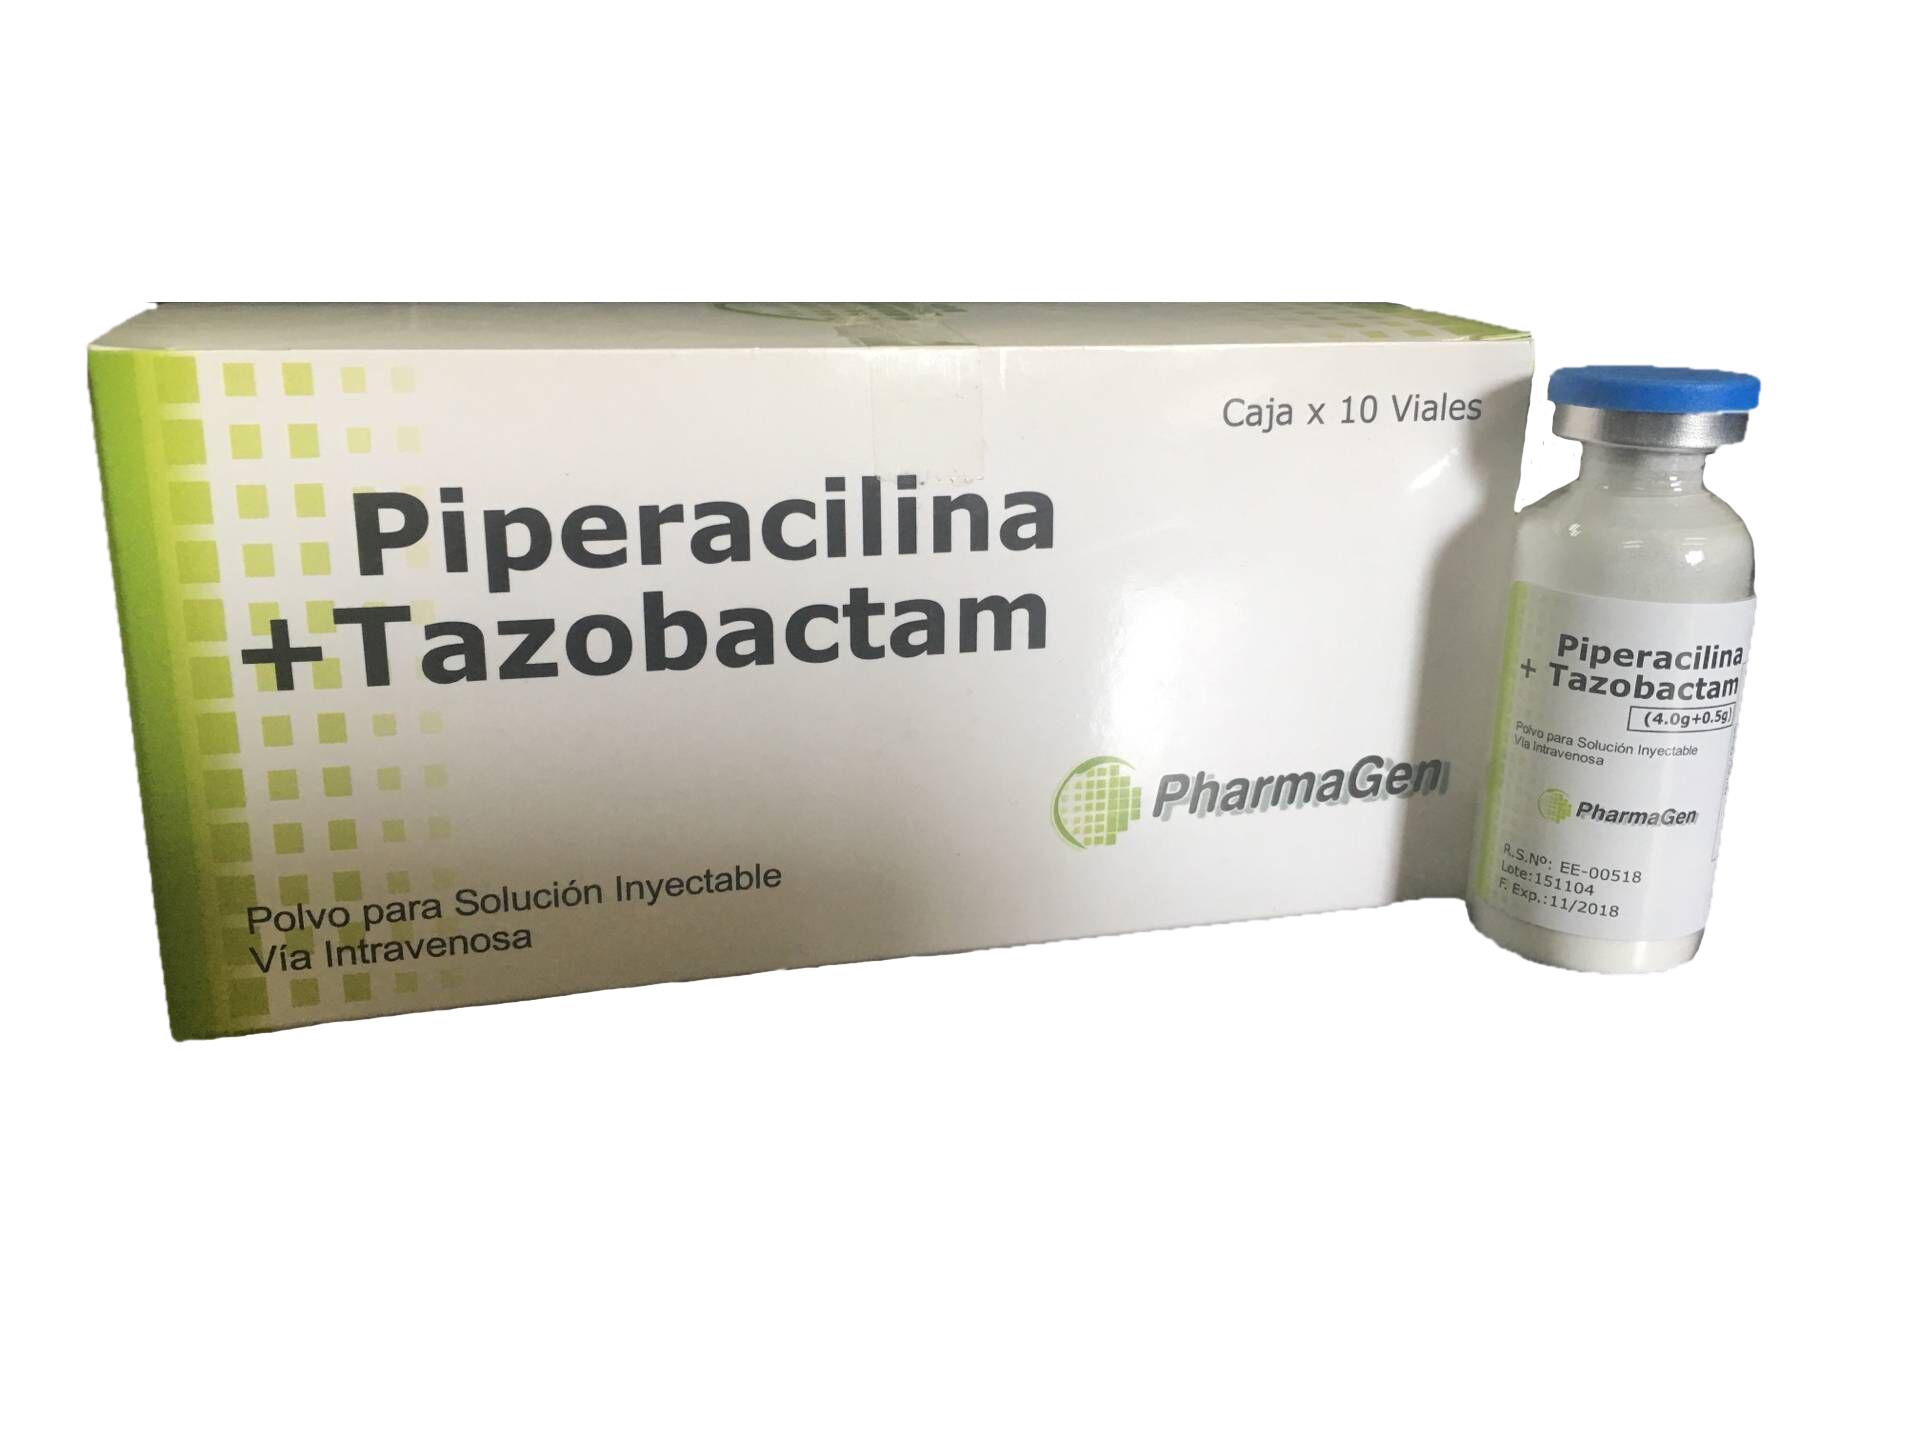 Piperacilina +Tazobactam